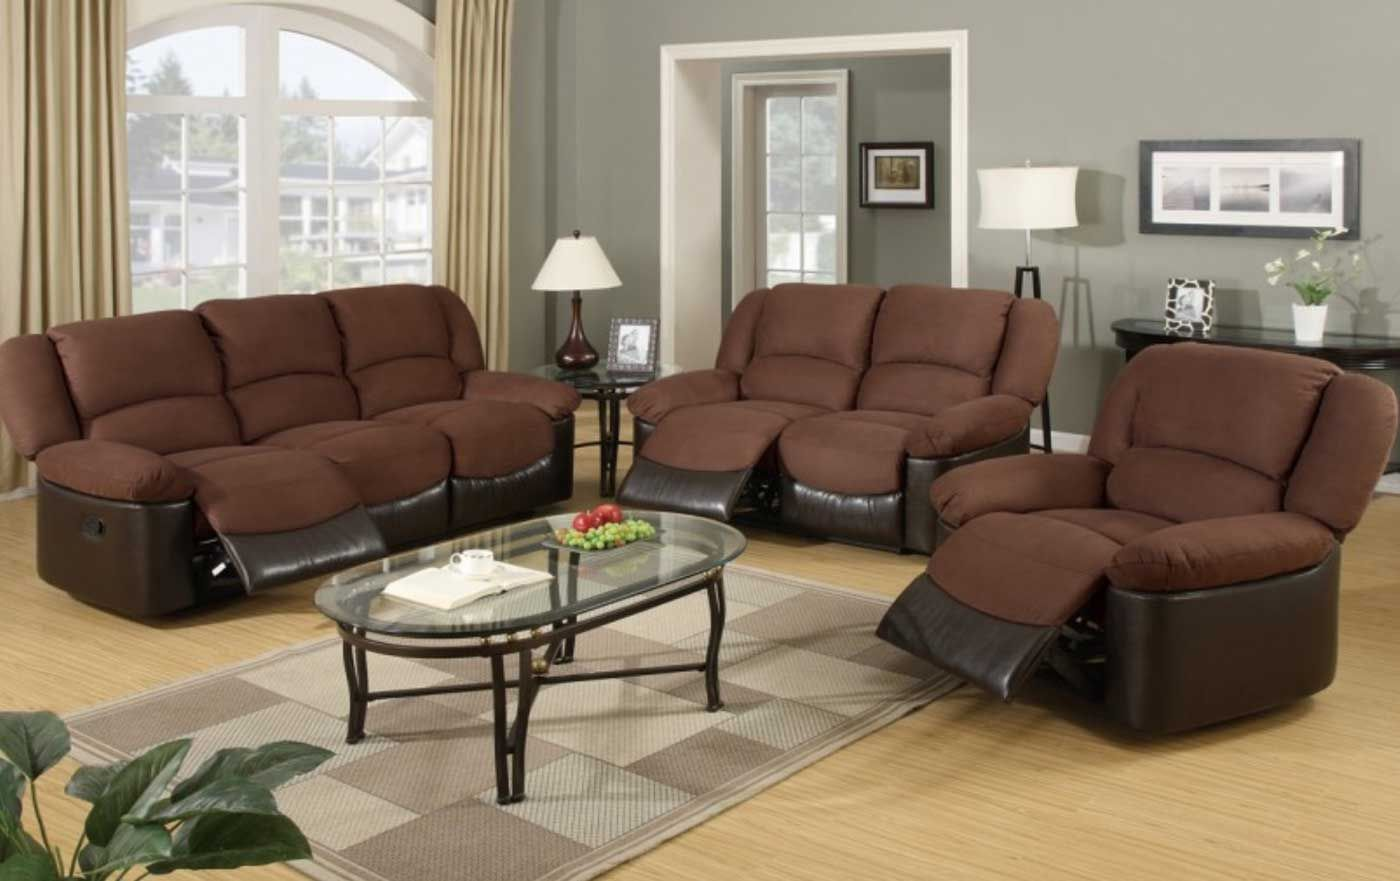 Fullsize Of Living Room Set Up